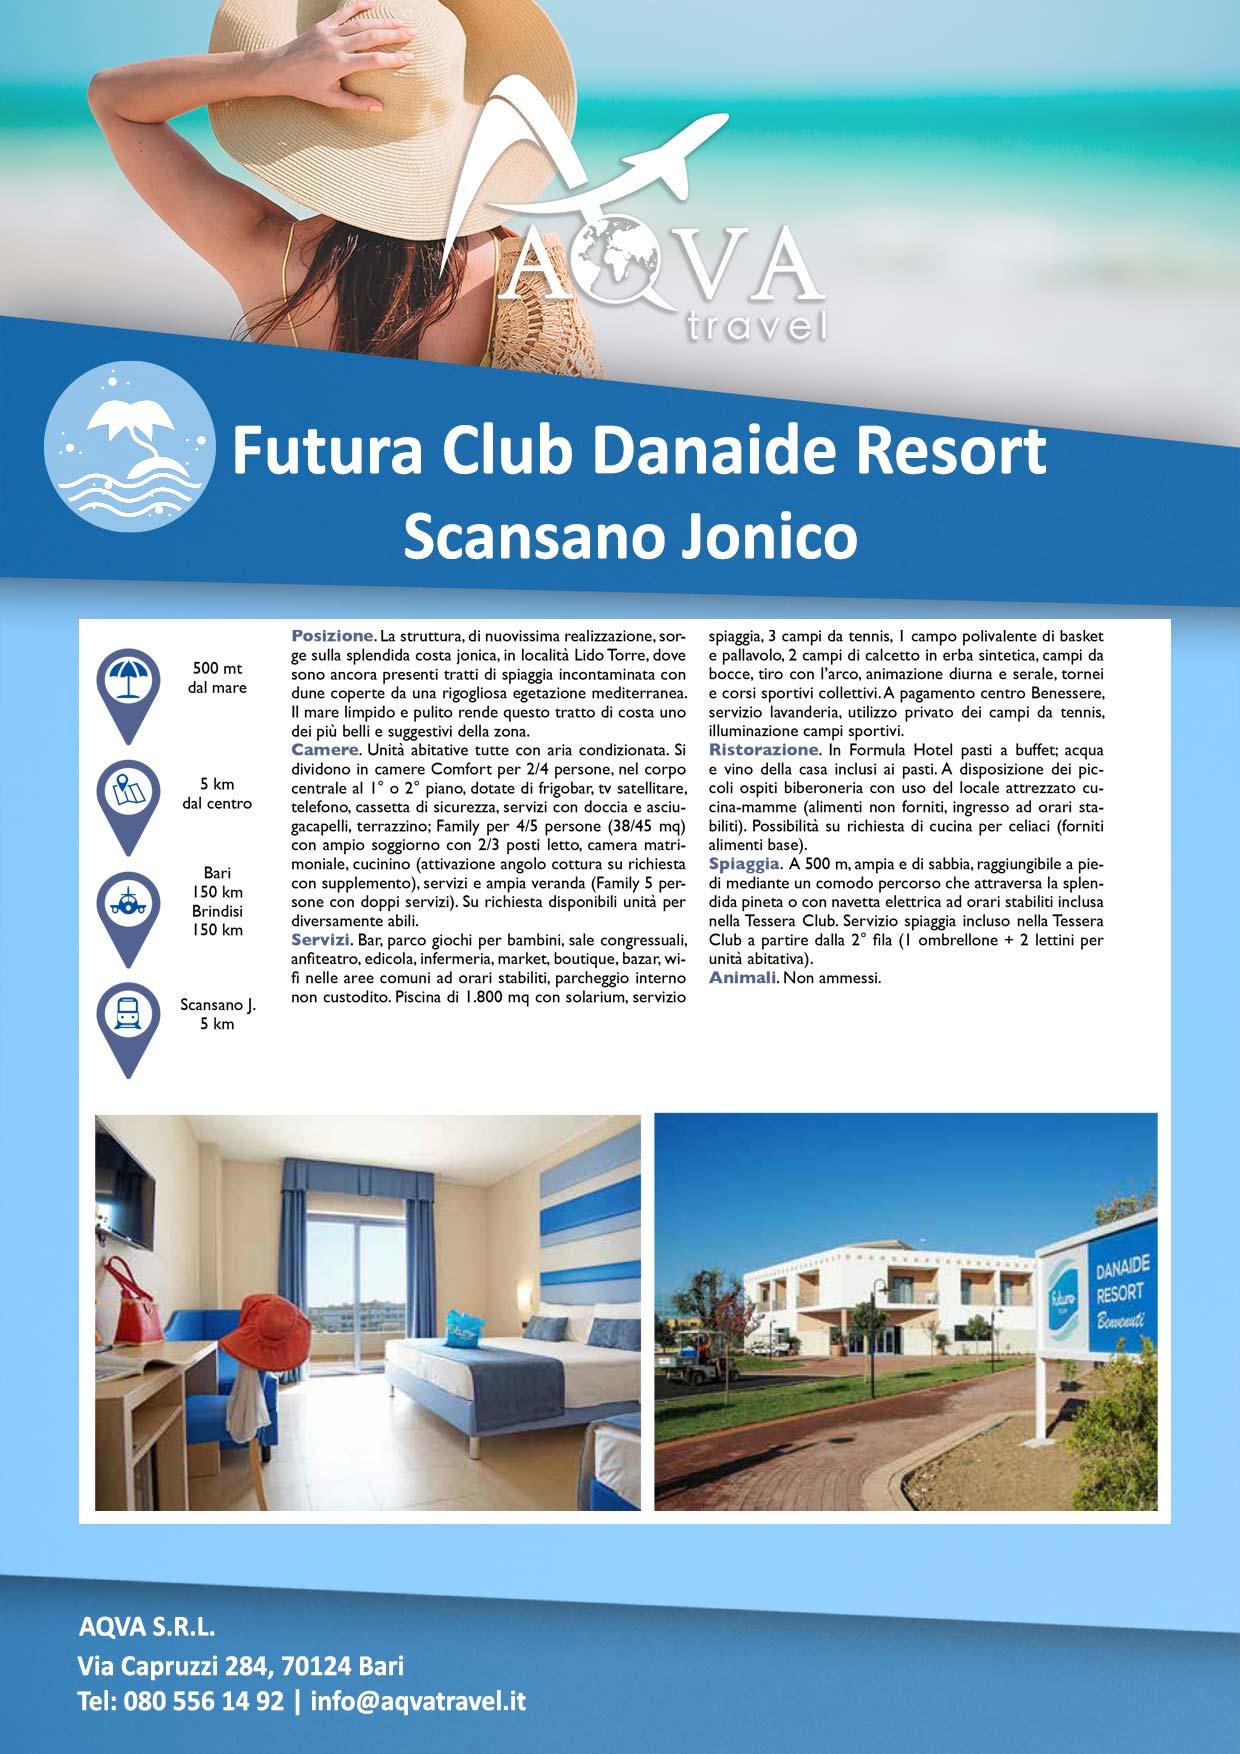 Futura-Club-Danaide-Resort-4-Scansano-Jonico-(MT)-Mare-offerte-agenzia-di-viaggi-Bari-AQVATRAVEL-it